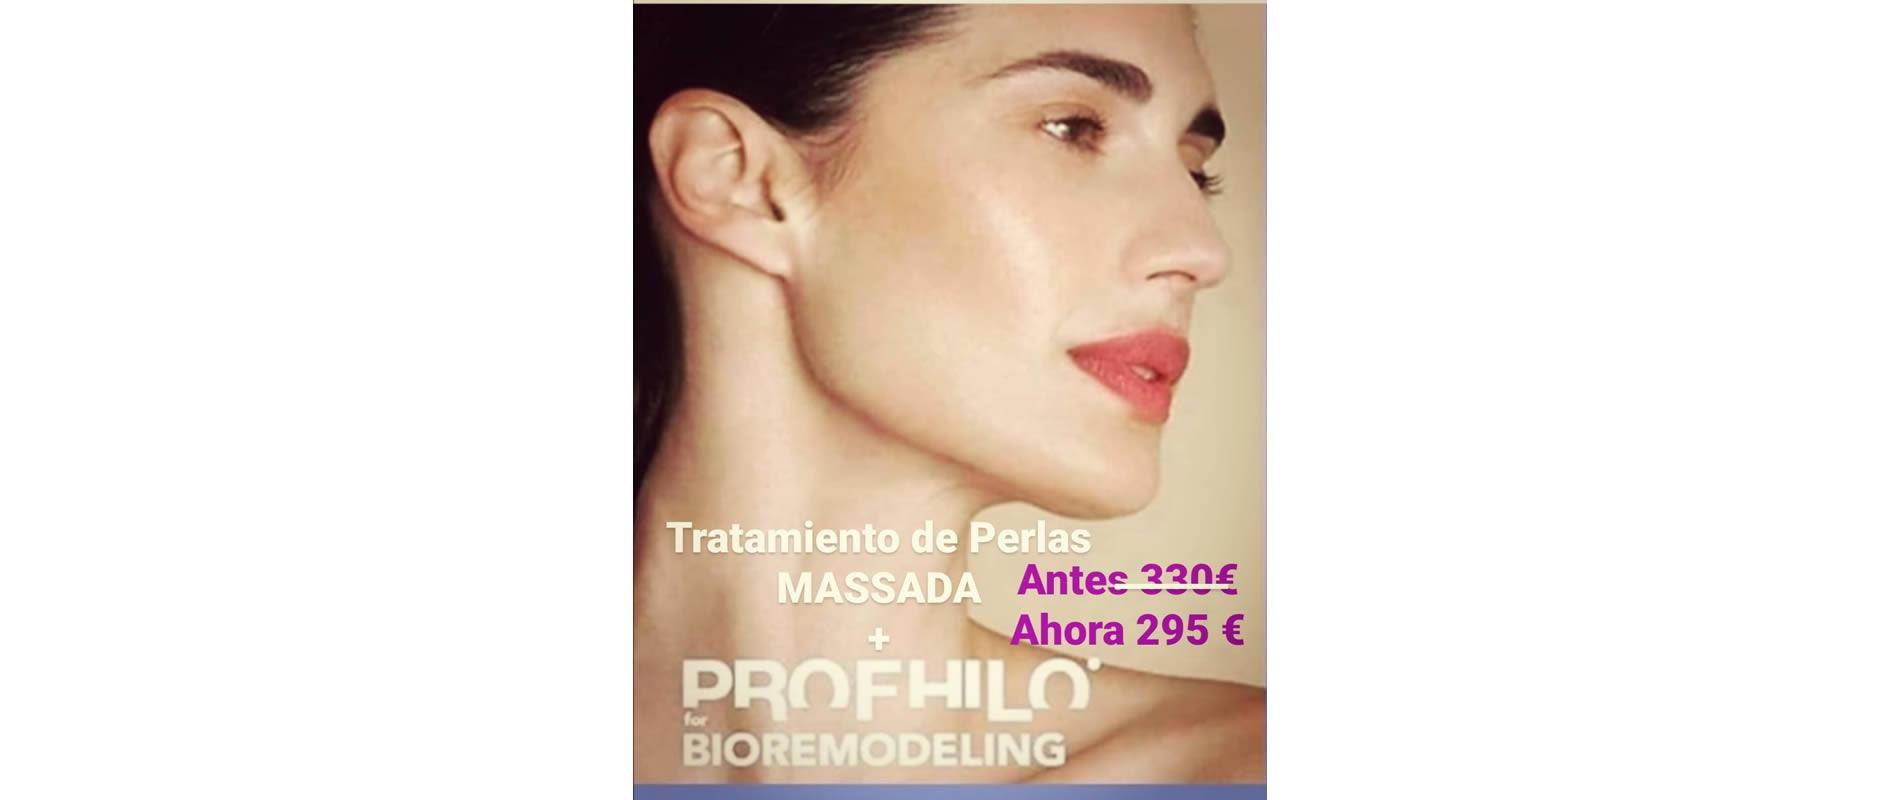 Tratamiento de Perlas MASSADA + PROFHILO